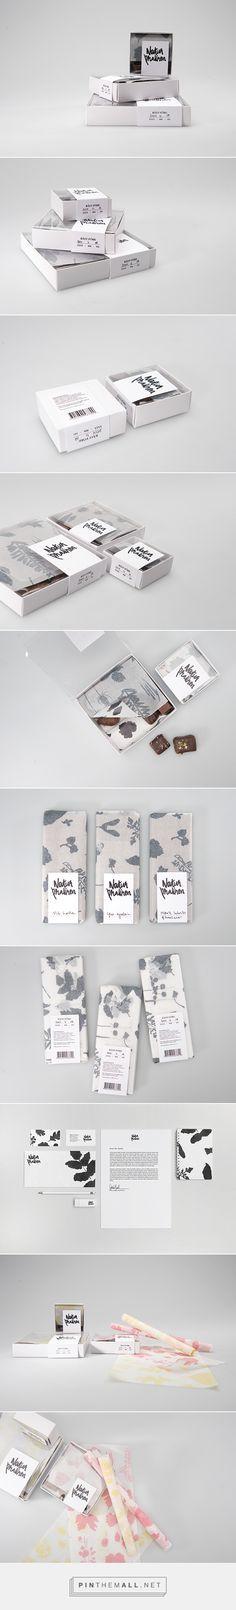 Naturpralinen - concept #packaging